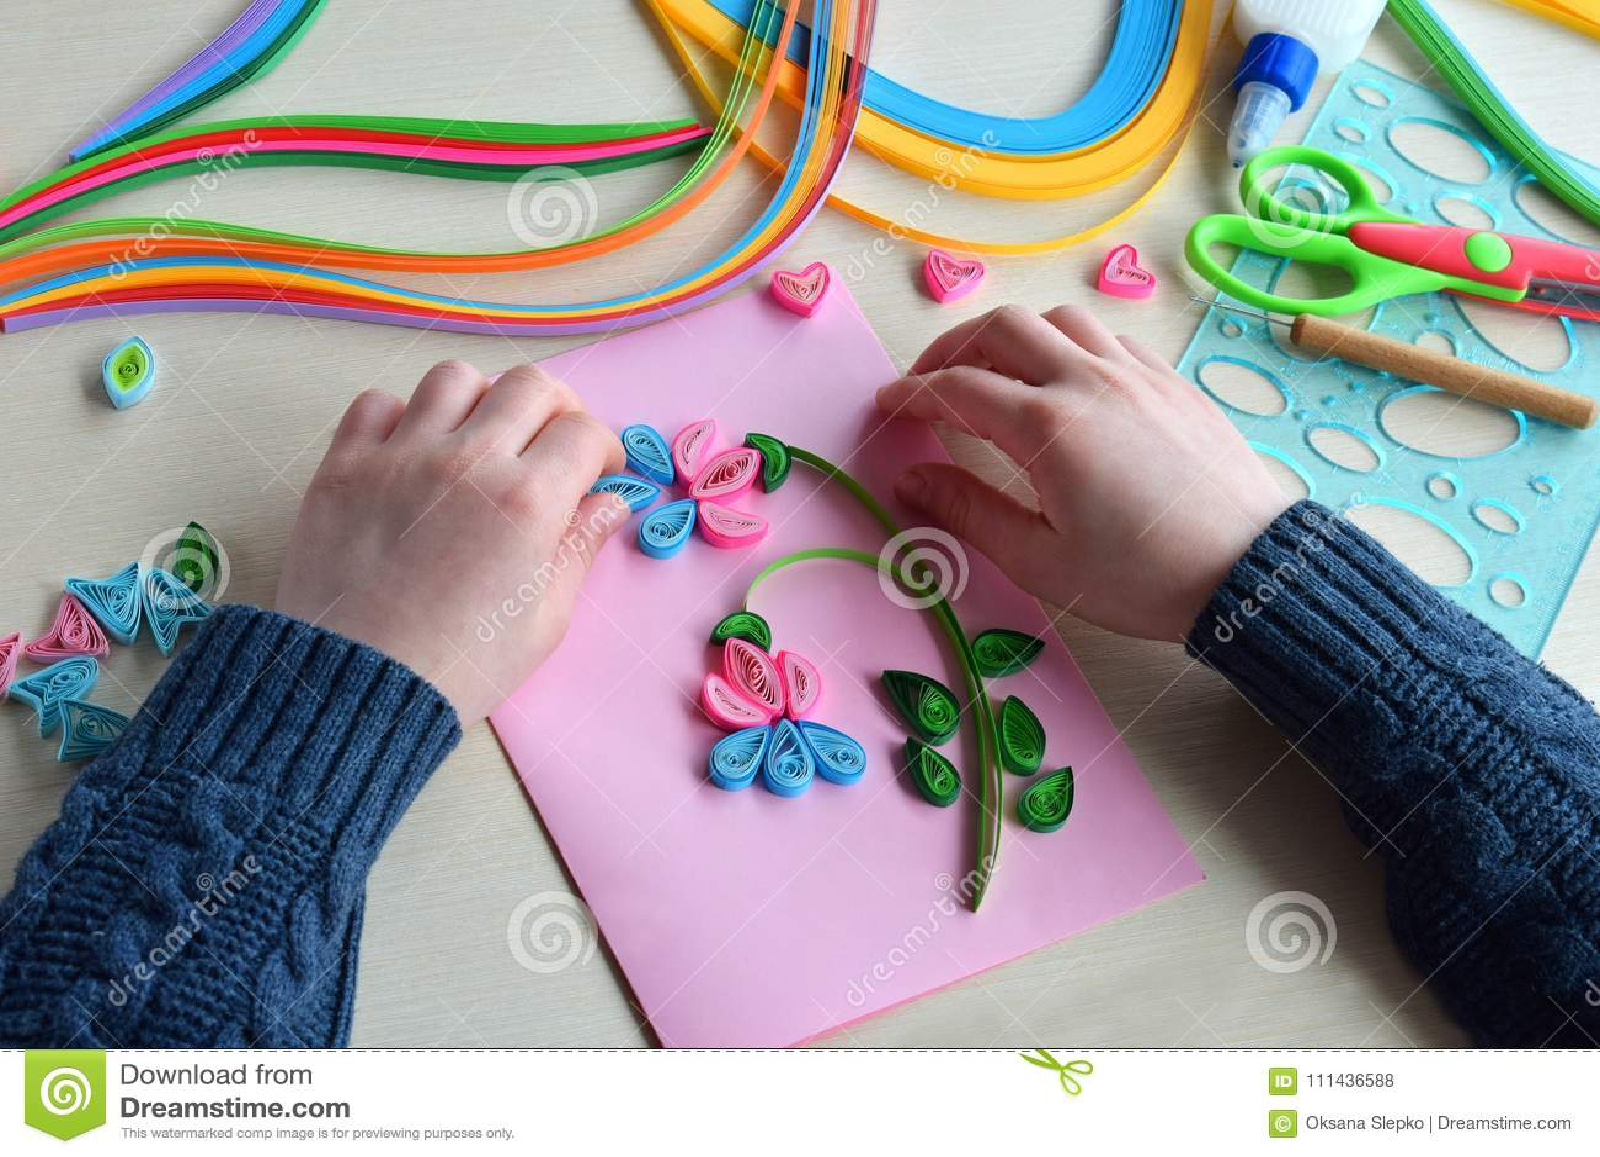 Метод Quilling Мальчик делая украшения или поздравительную открытку Бумажные прокладки, цветок, ножницы Handmade ремесла на празд